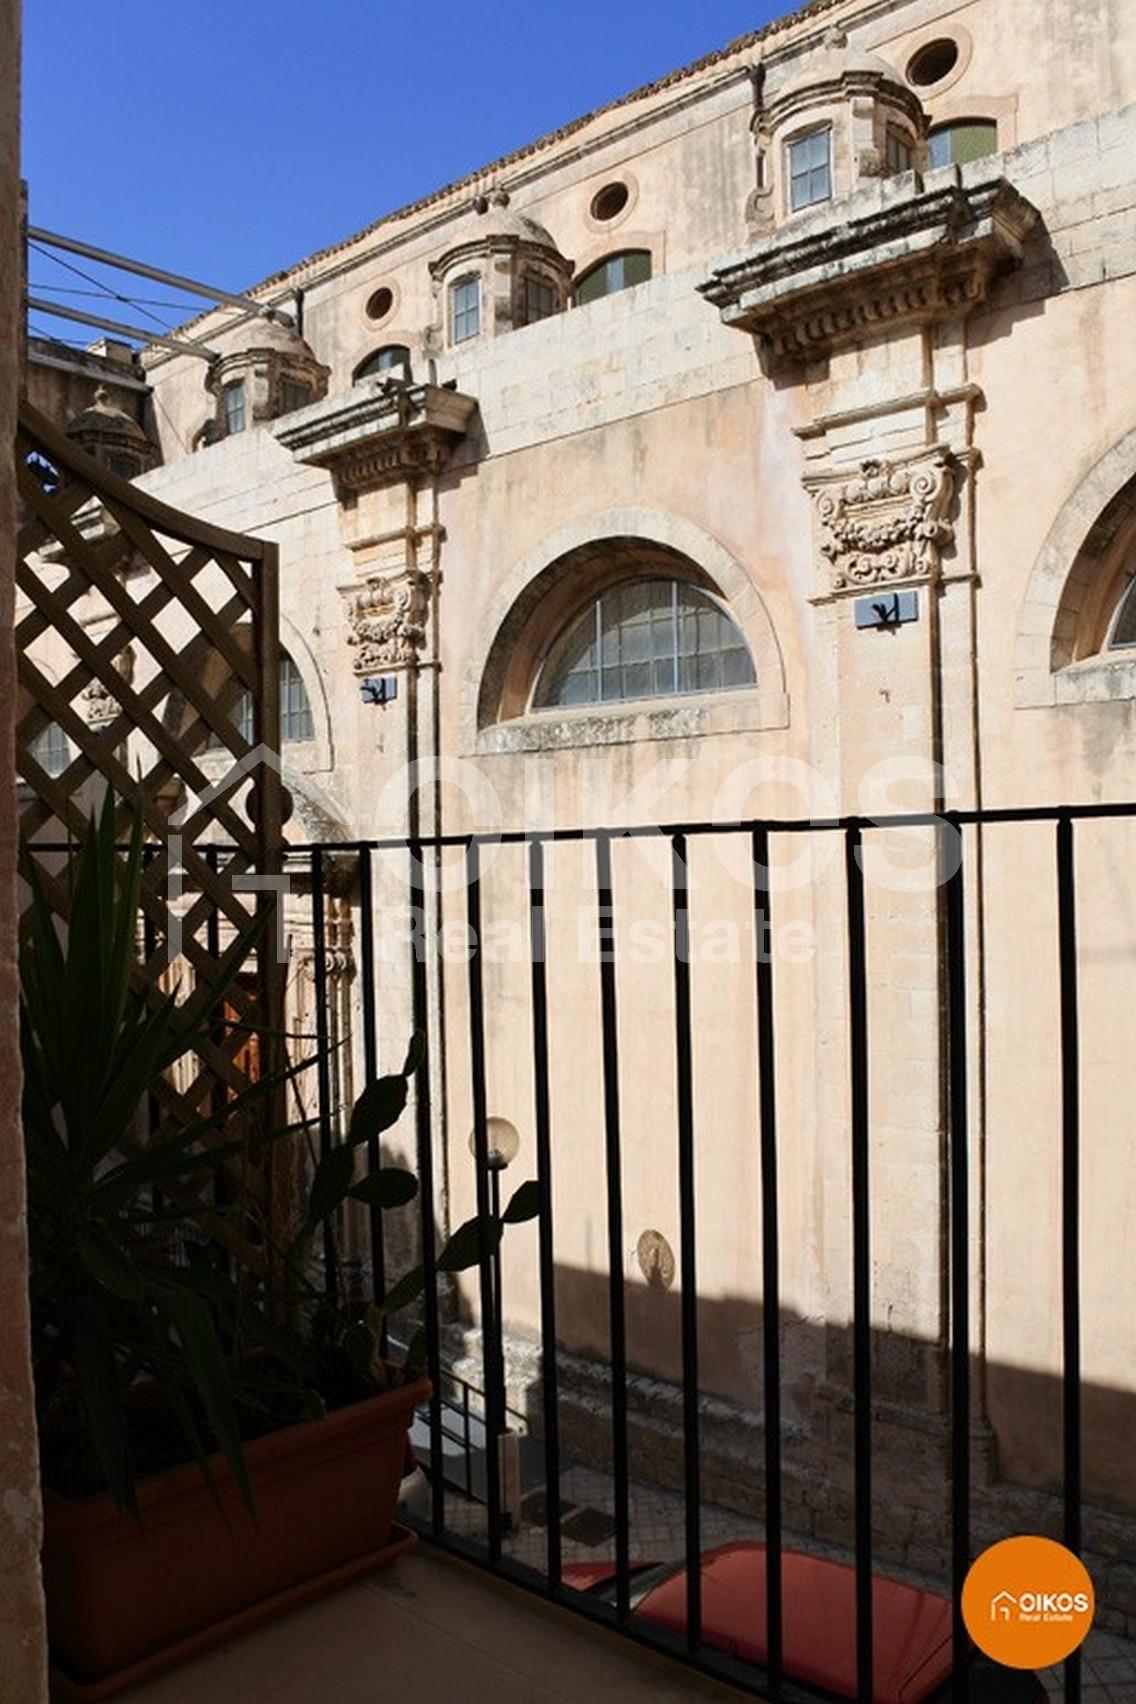 Casa in vendita a Noto zona Crocifisso  Oikos Real Estate